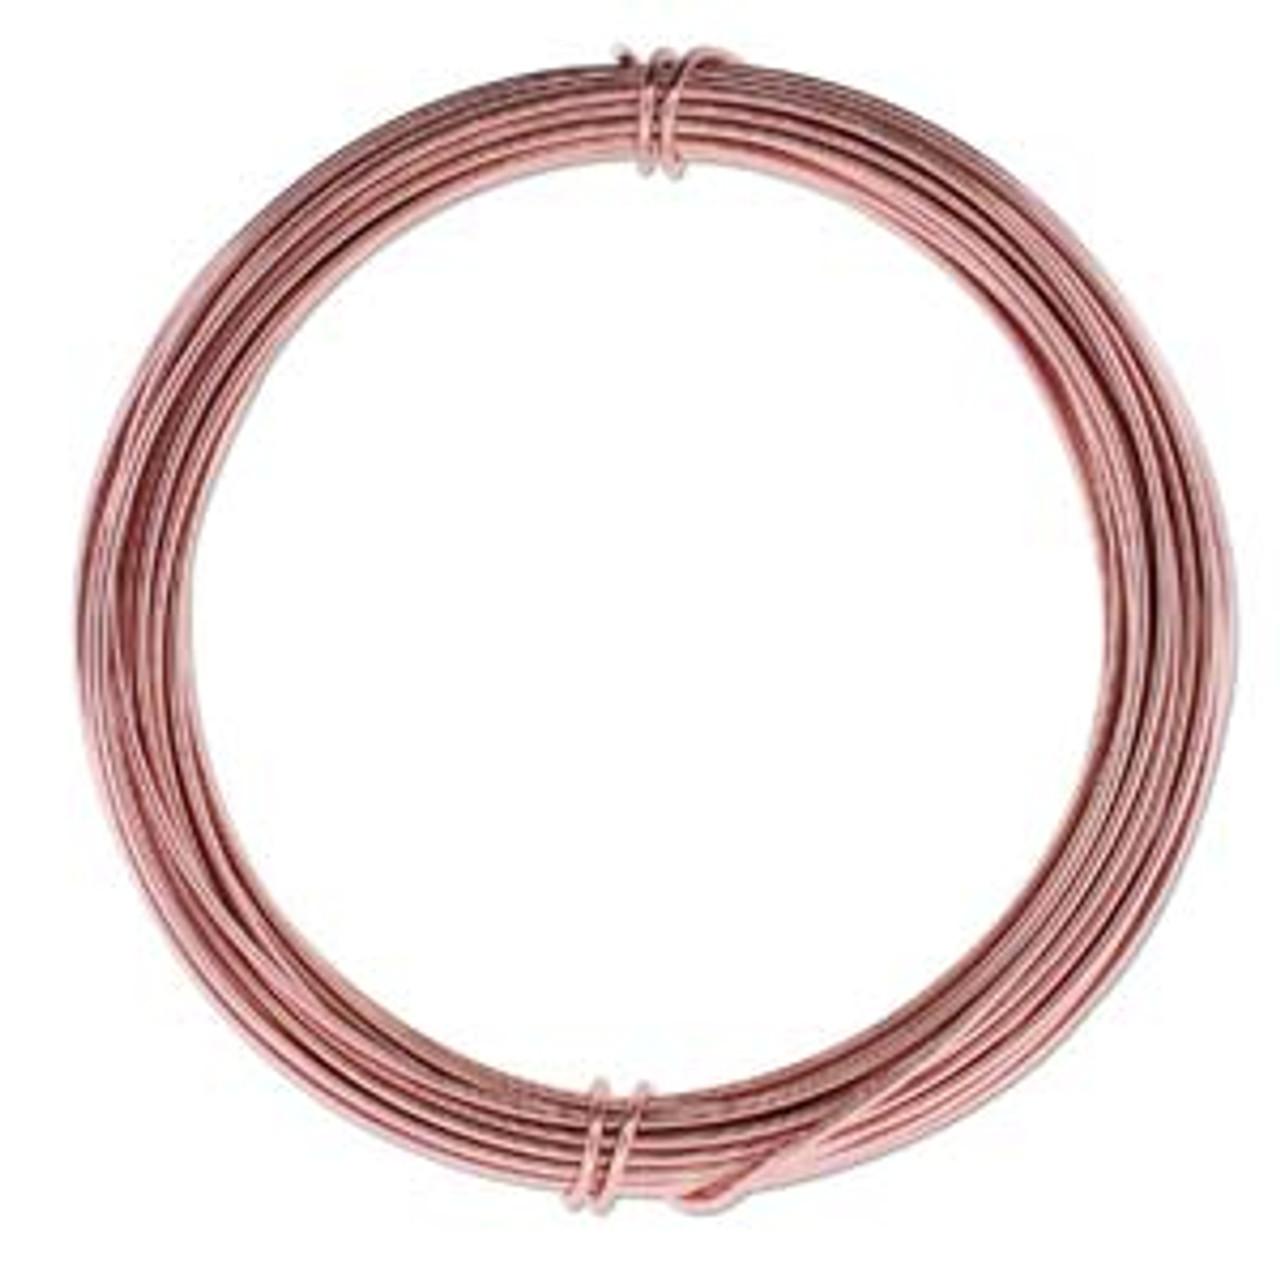 12ga Rose Gold Aluminum Wire